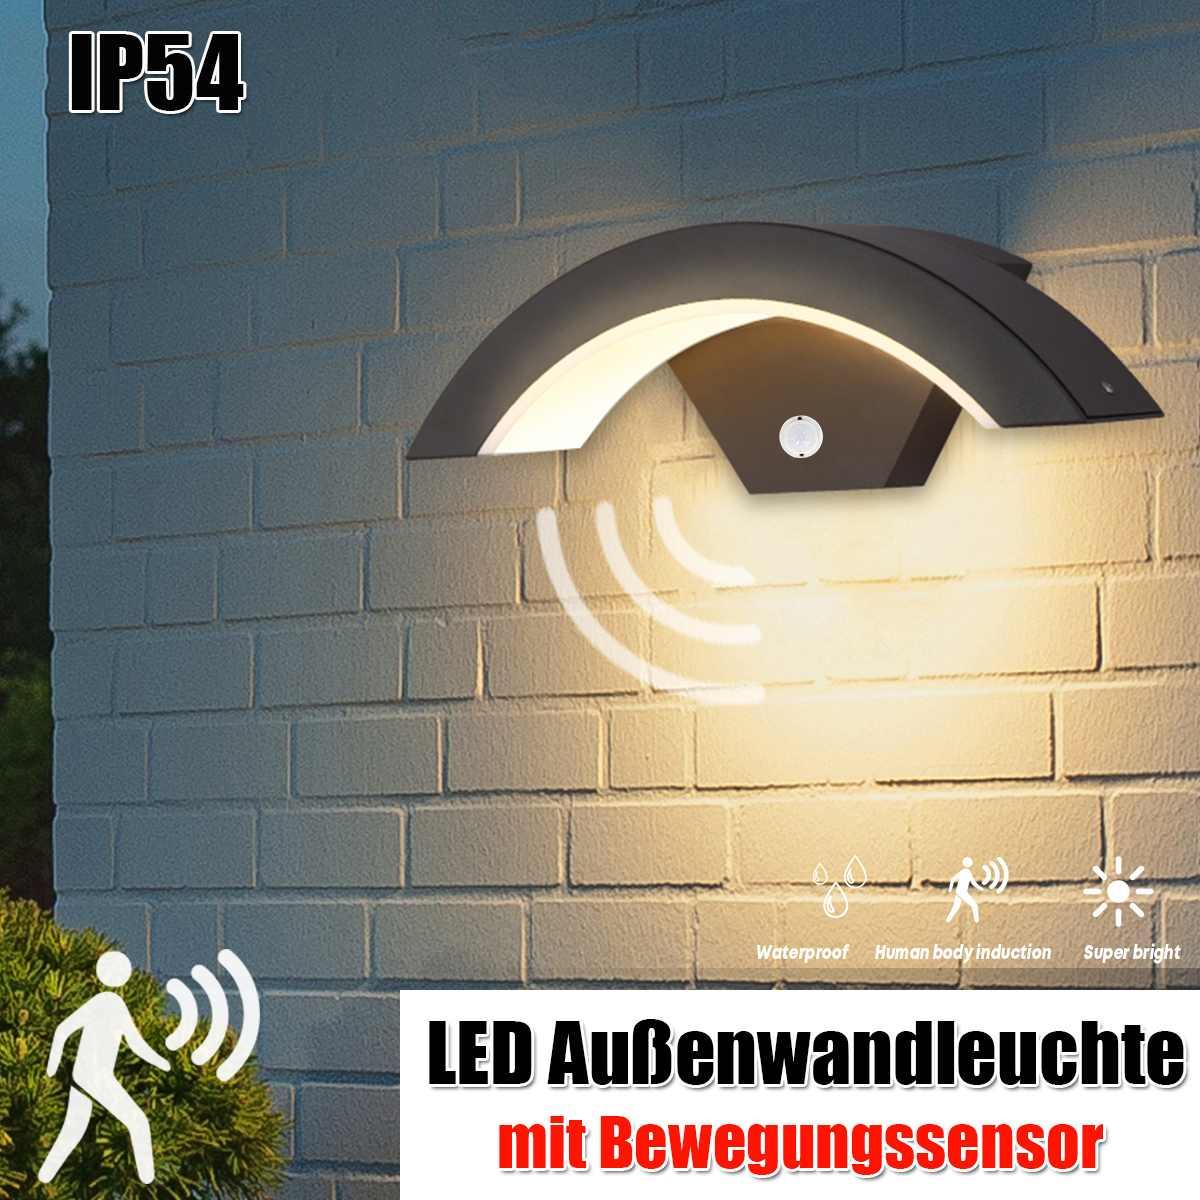 في الهواء الطلق الجدار الخفيفة 15 واط محس حركة وحدة إضاءة LED جداريّة مصباح حديقة ساحة الشرفة في الهواء الطلق الدافئة الأبيض ضوء مقاوم للماء IP54 ...